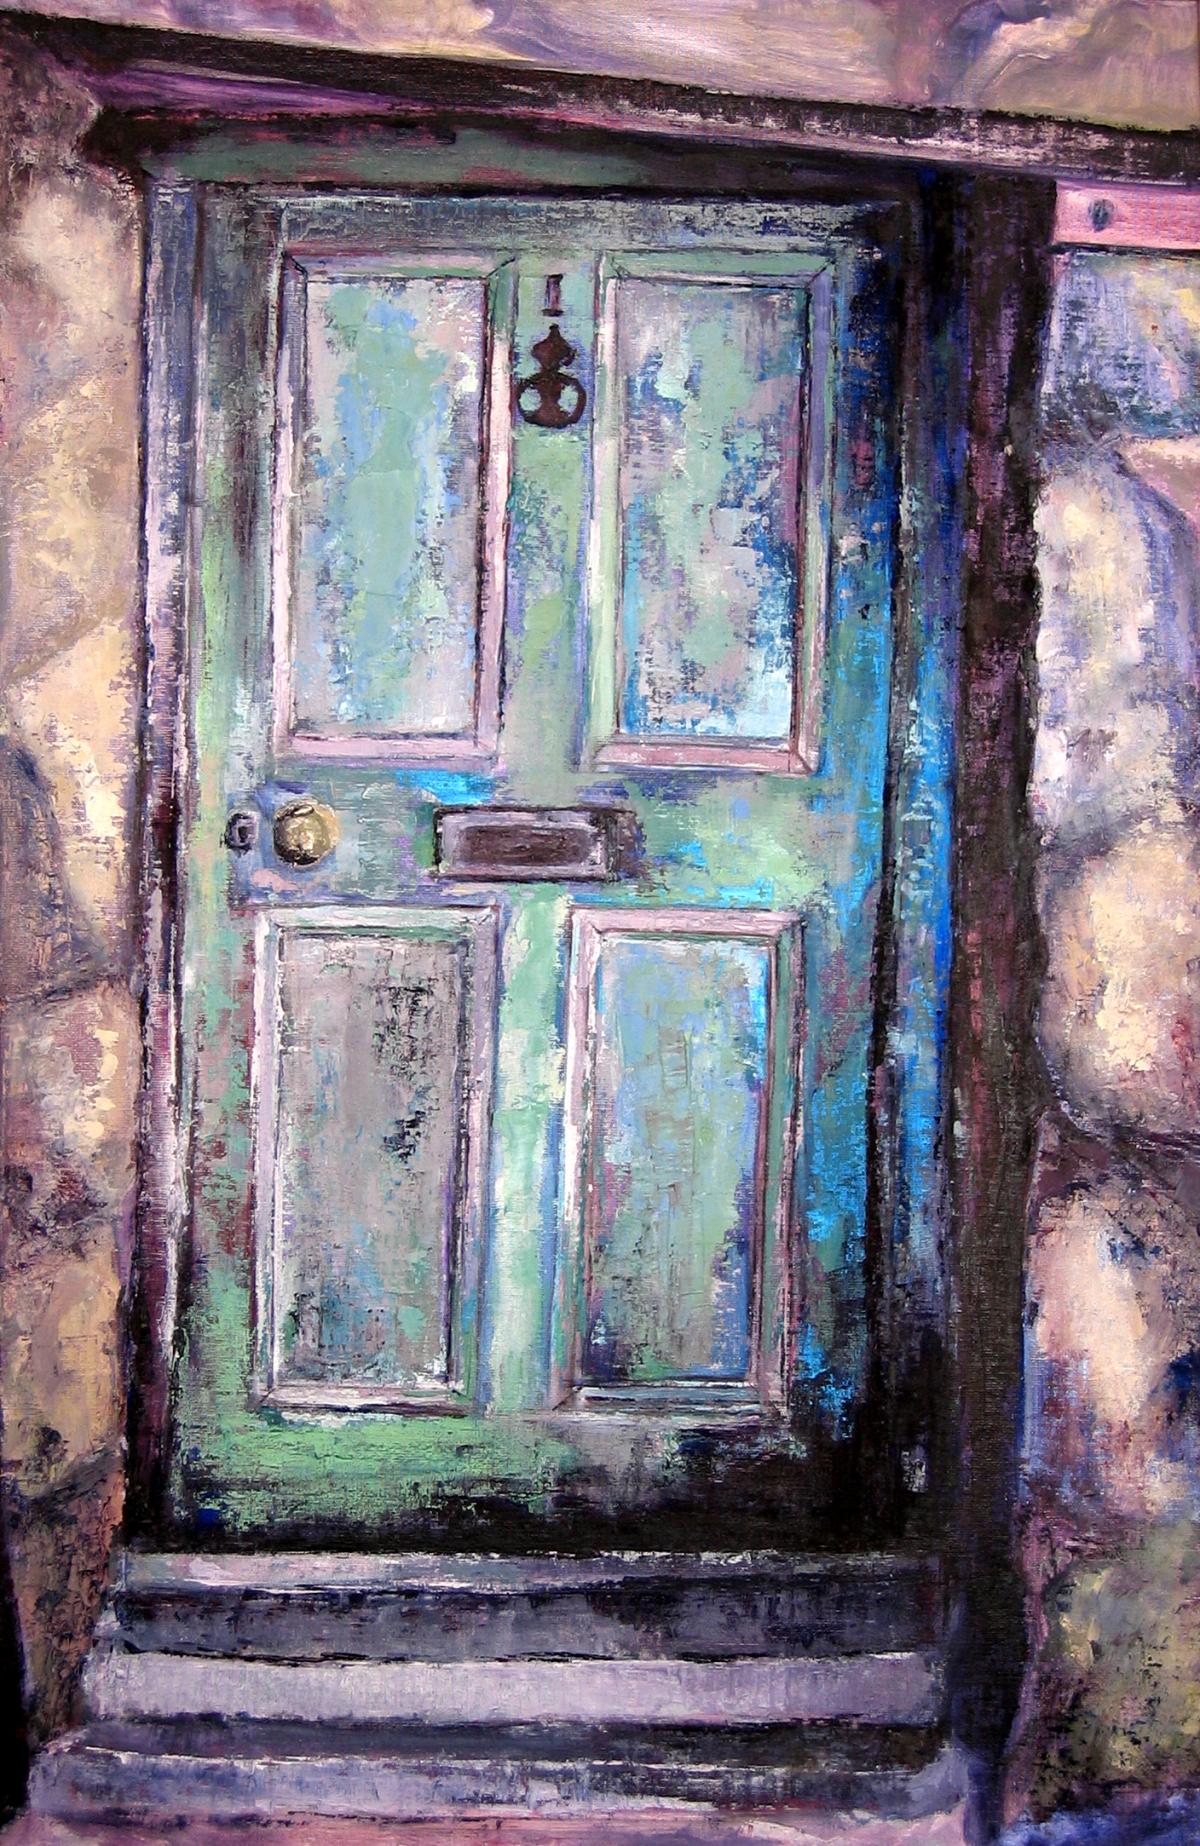 st-ives-door-oil-on-board-50cm-x-76cm